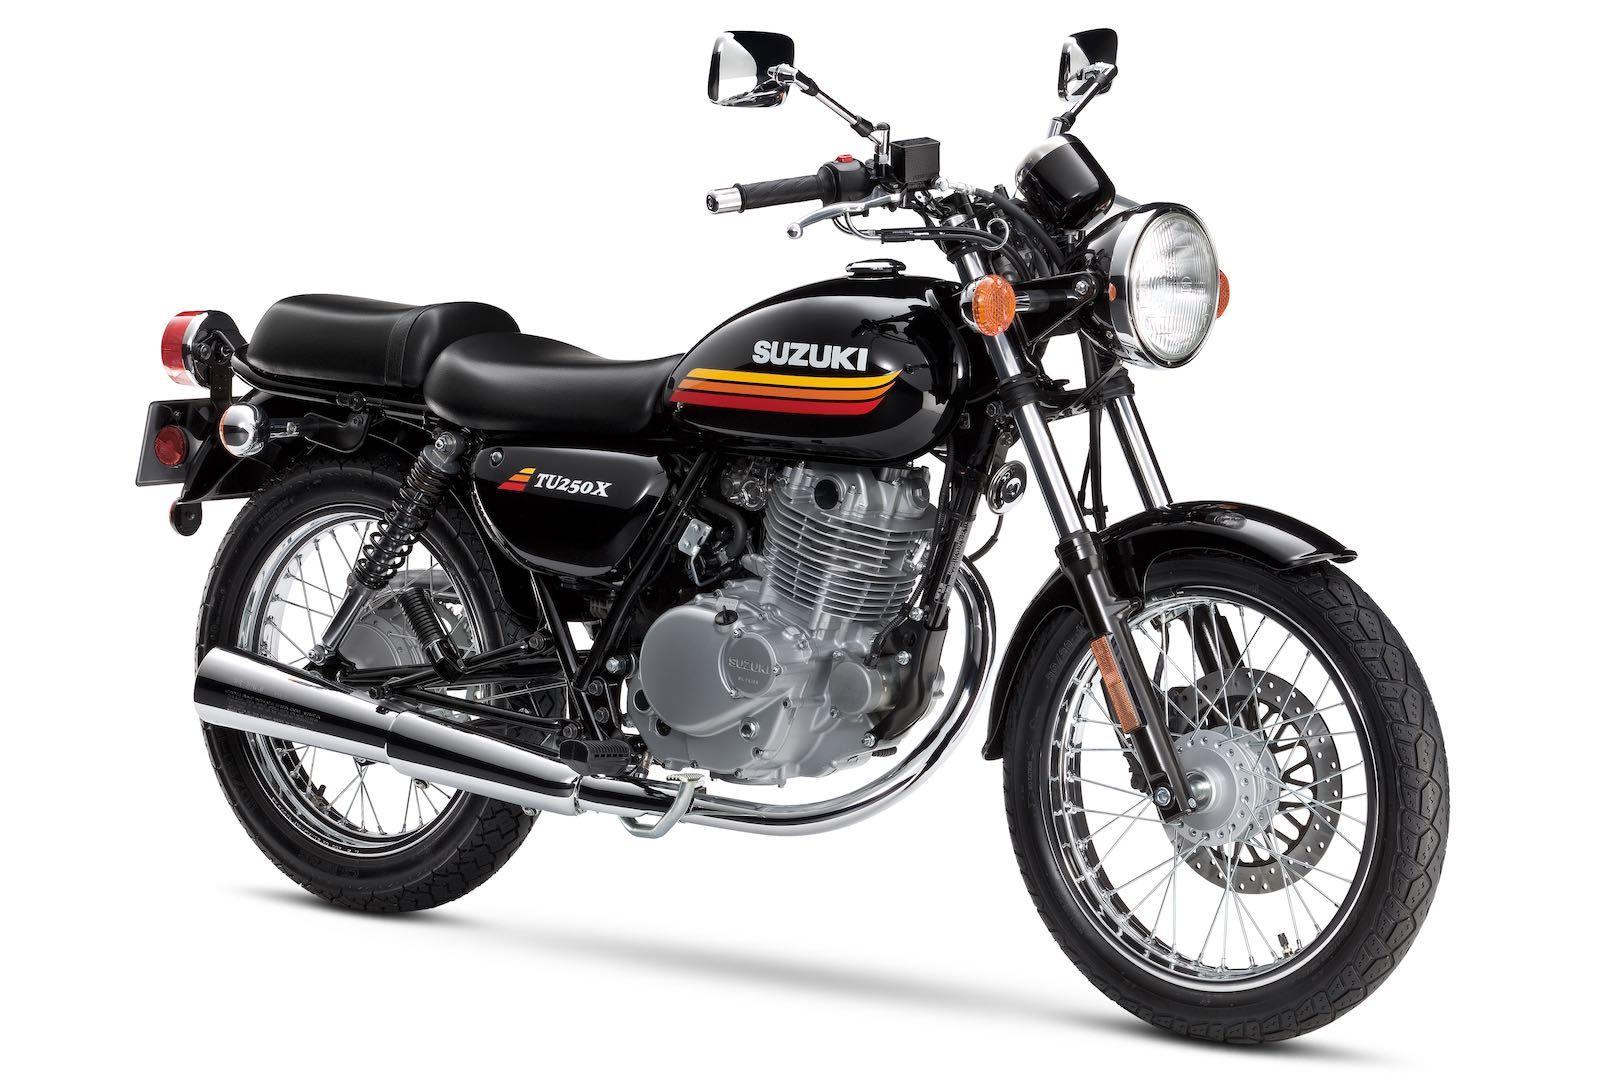 Image result for Suzuki TU250X (With images) Suzuki